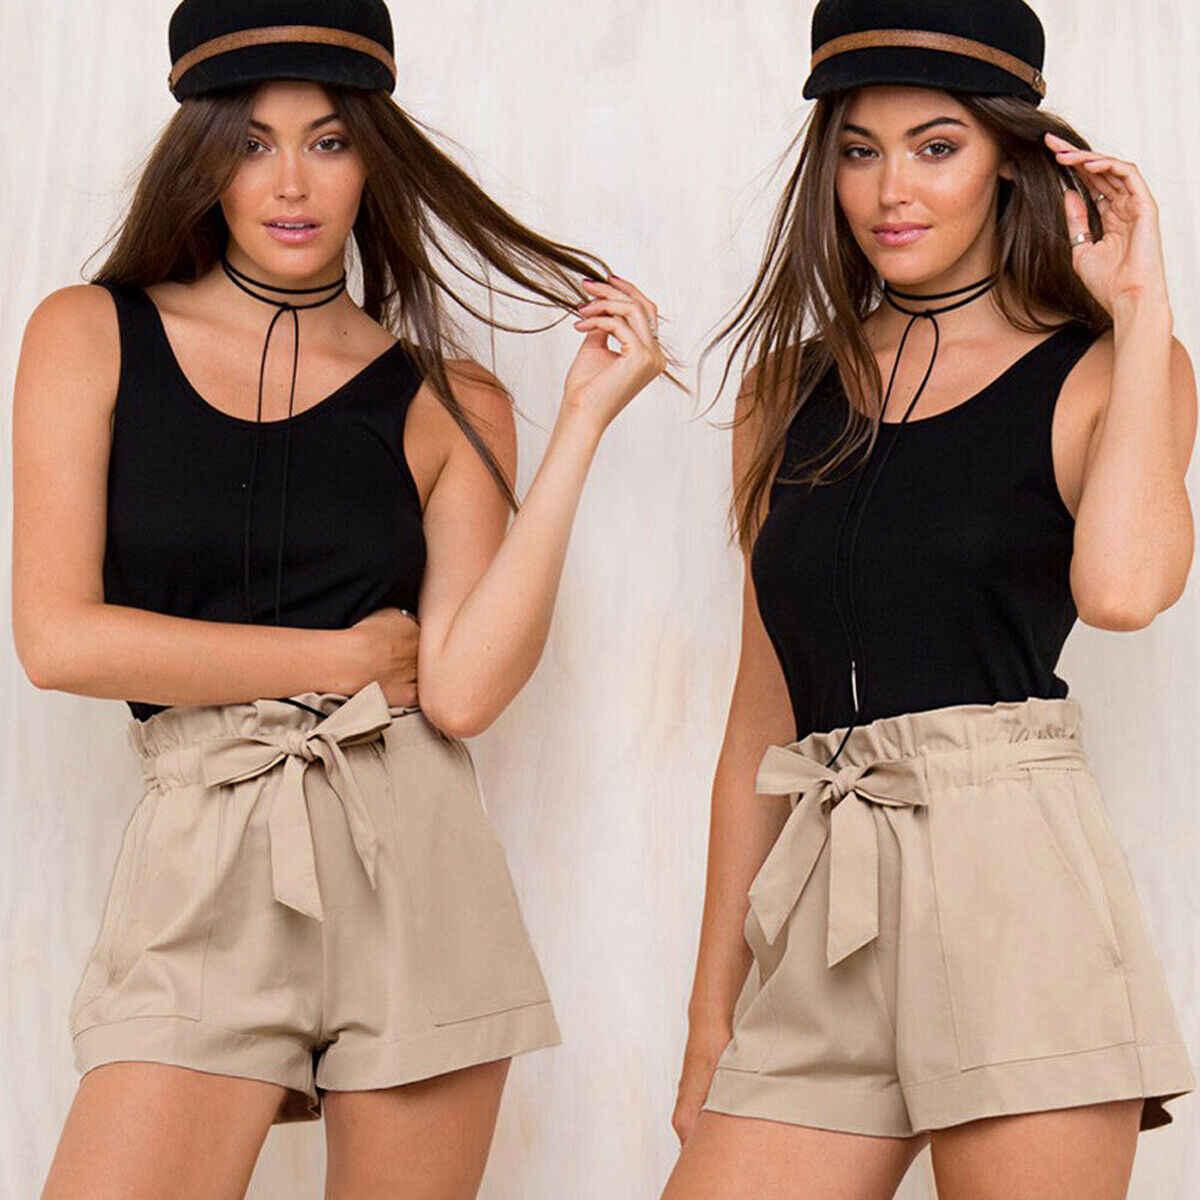 2019 Yeni Moda Kadınlar Yaz Gevşek Yüksek Bel Kravat Kemer Şort Pantolon Bayanlar Düz Plaj Tatil Rahat Basit Ince Dipleri